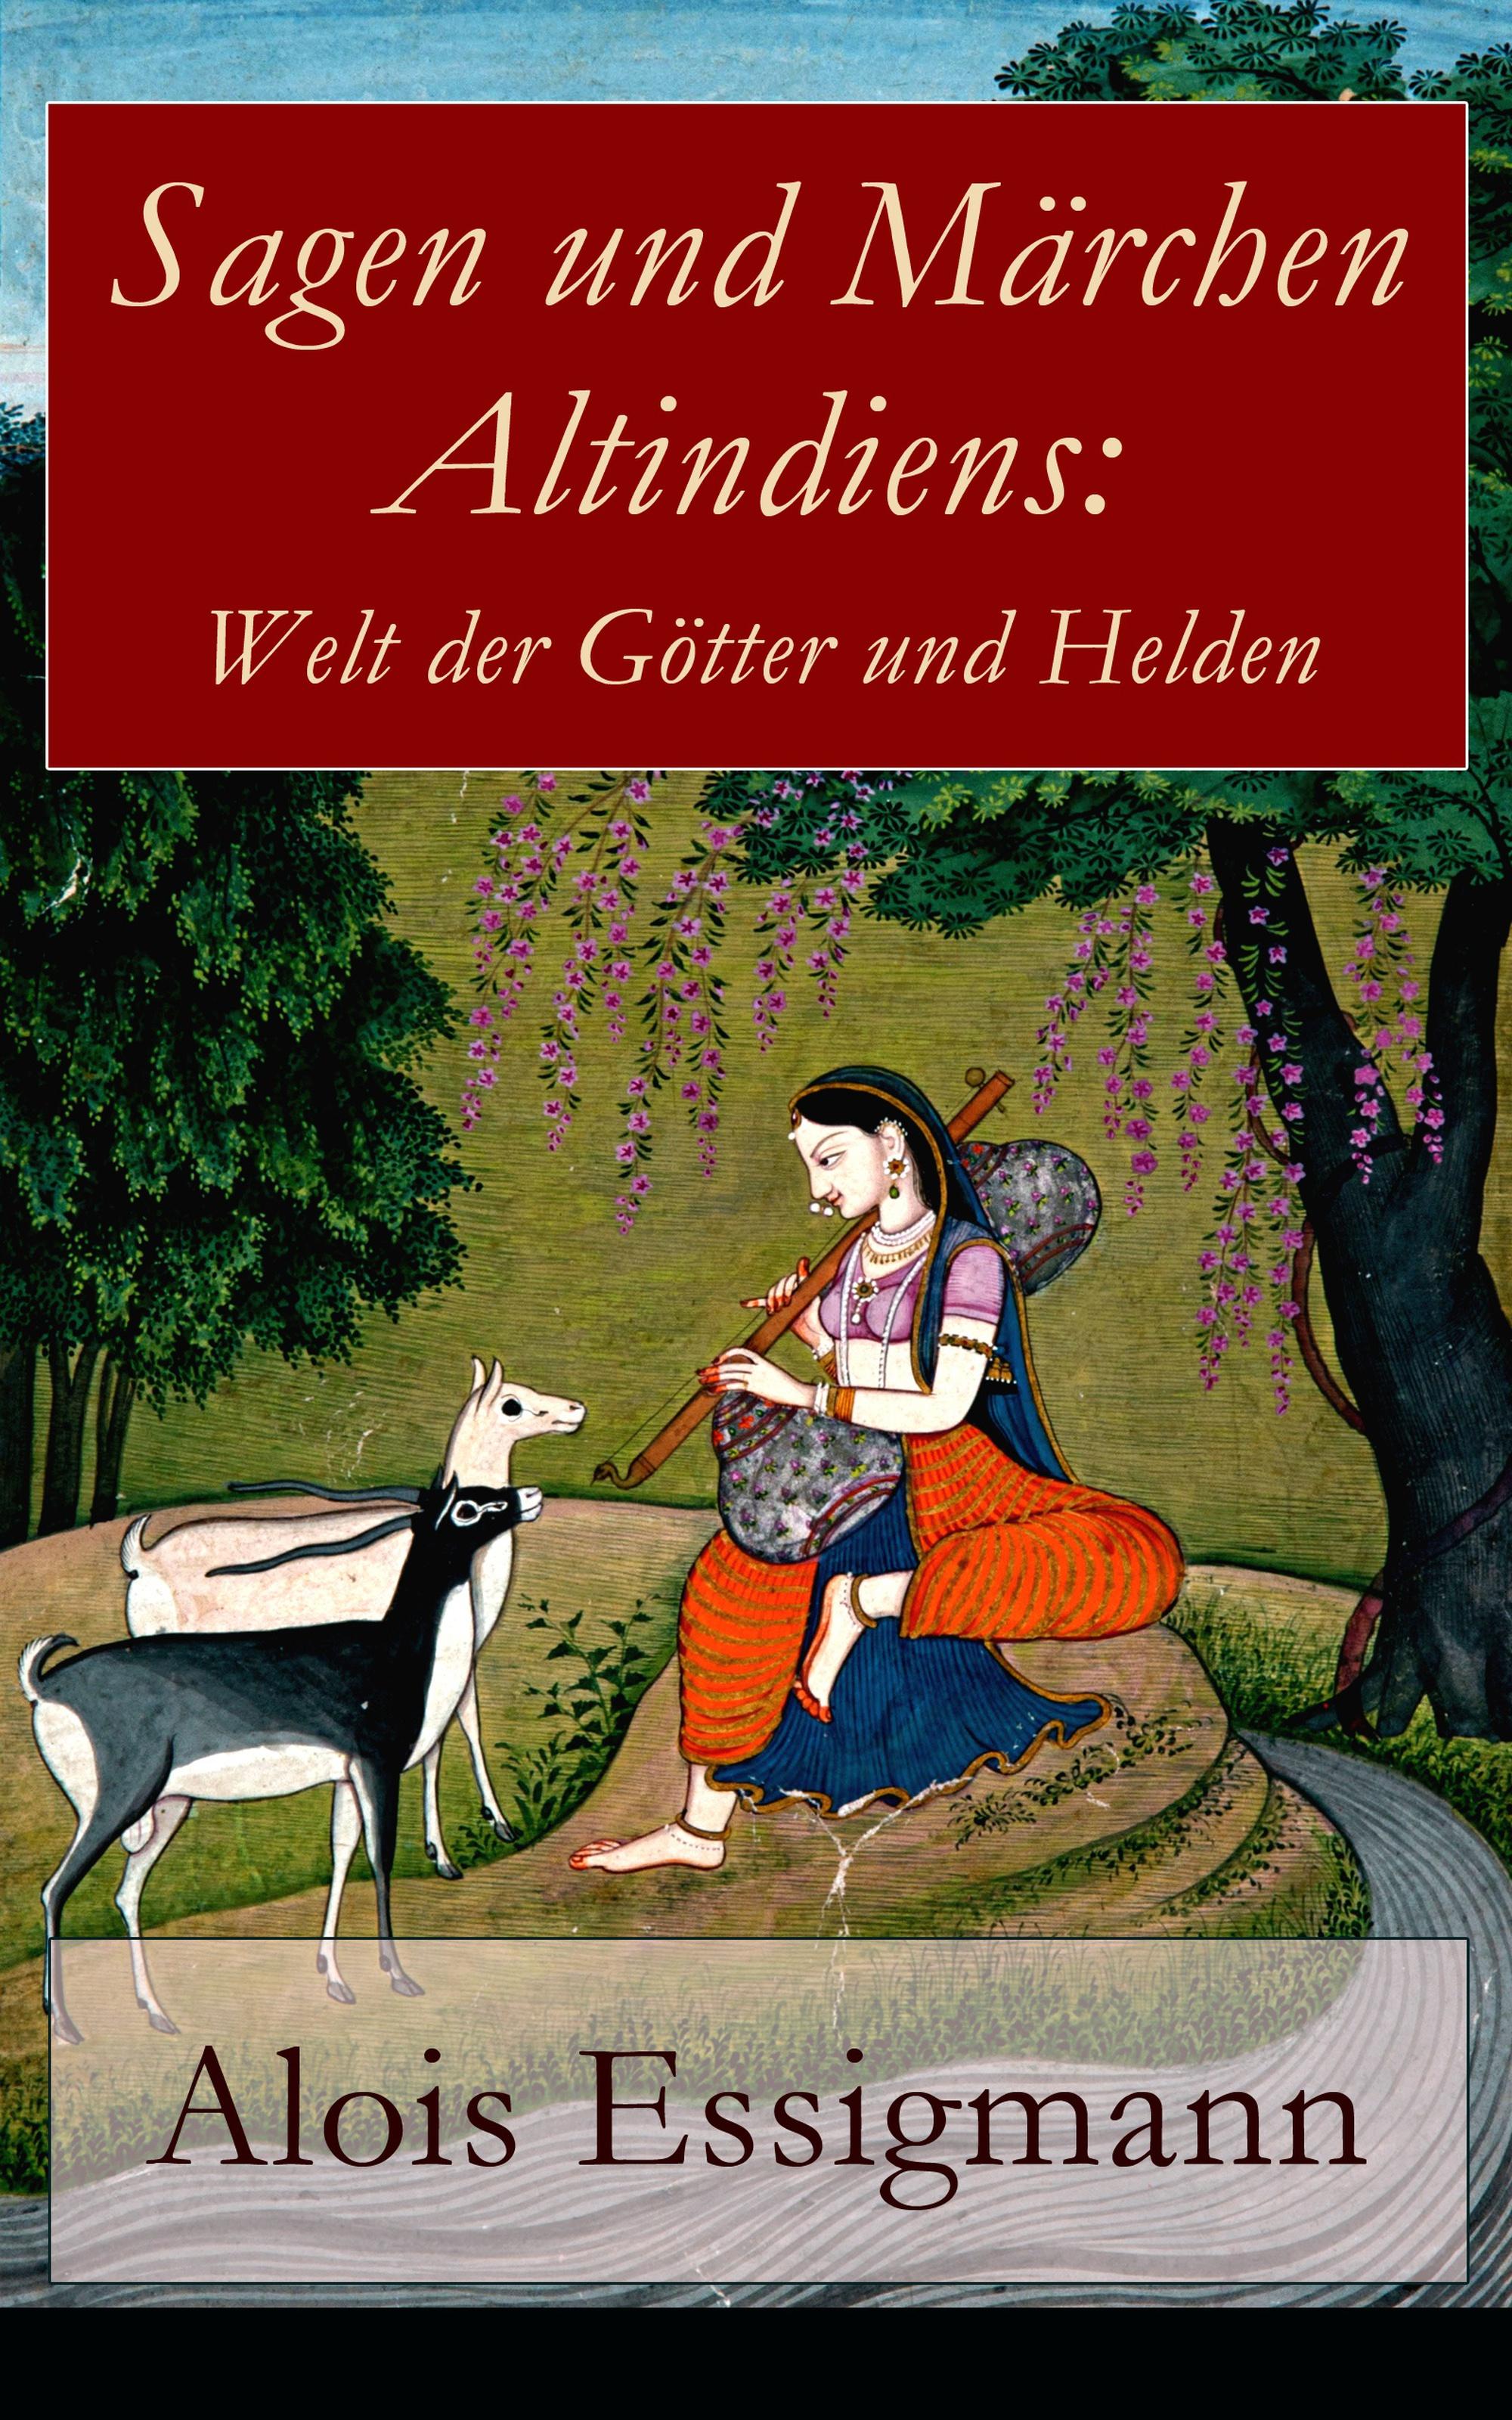 Alois Essigmann Sagen und Märchen Altindiens: Welt der Götter und Helden